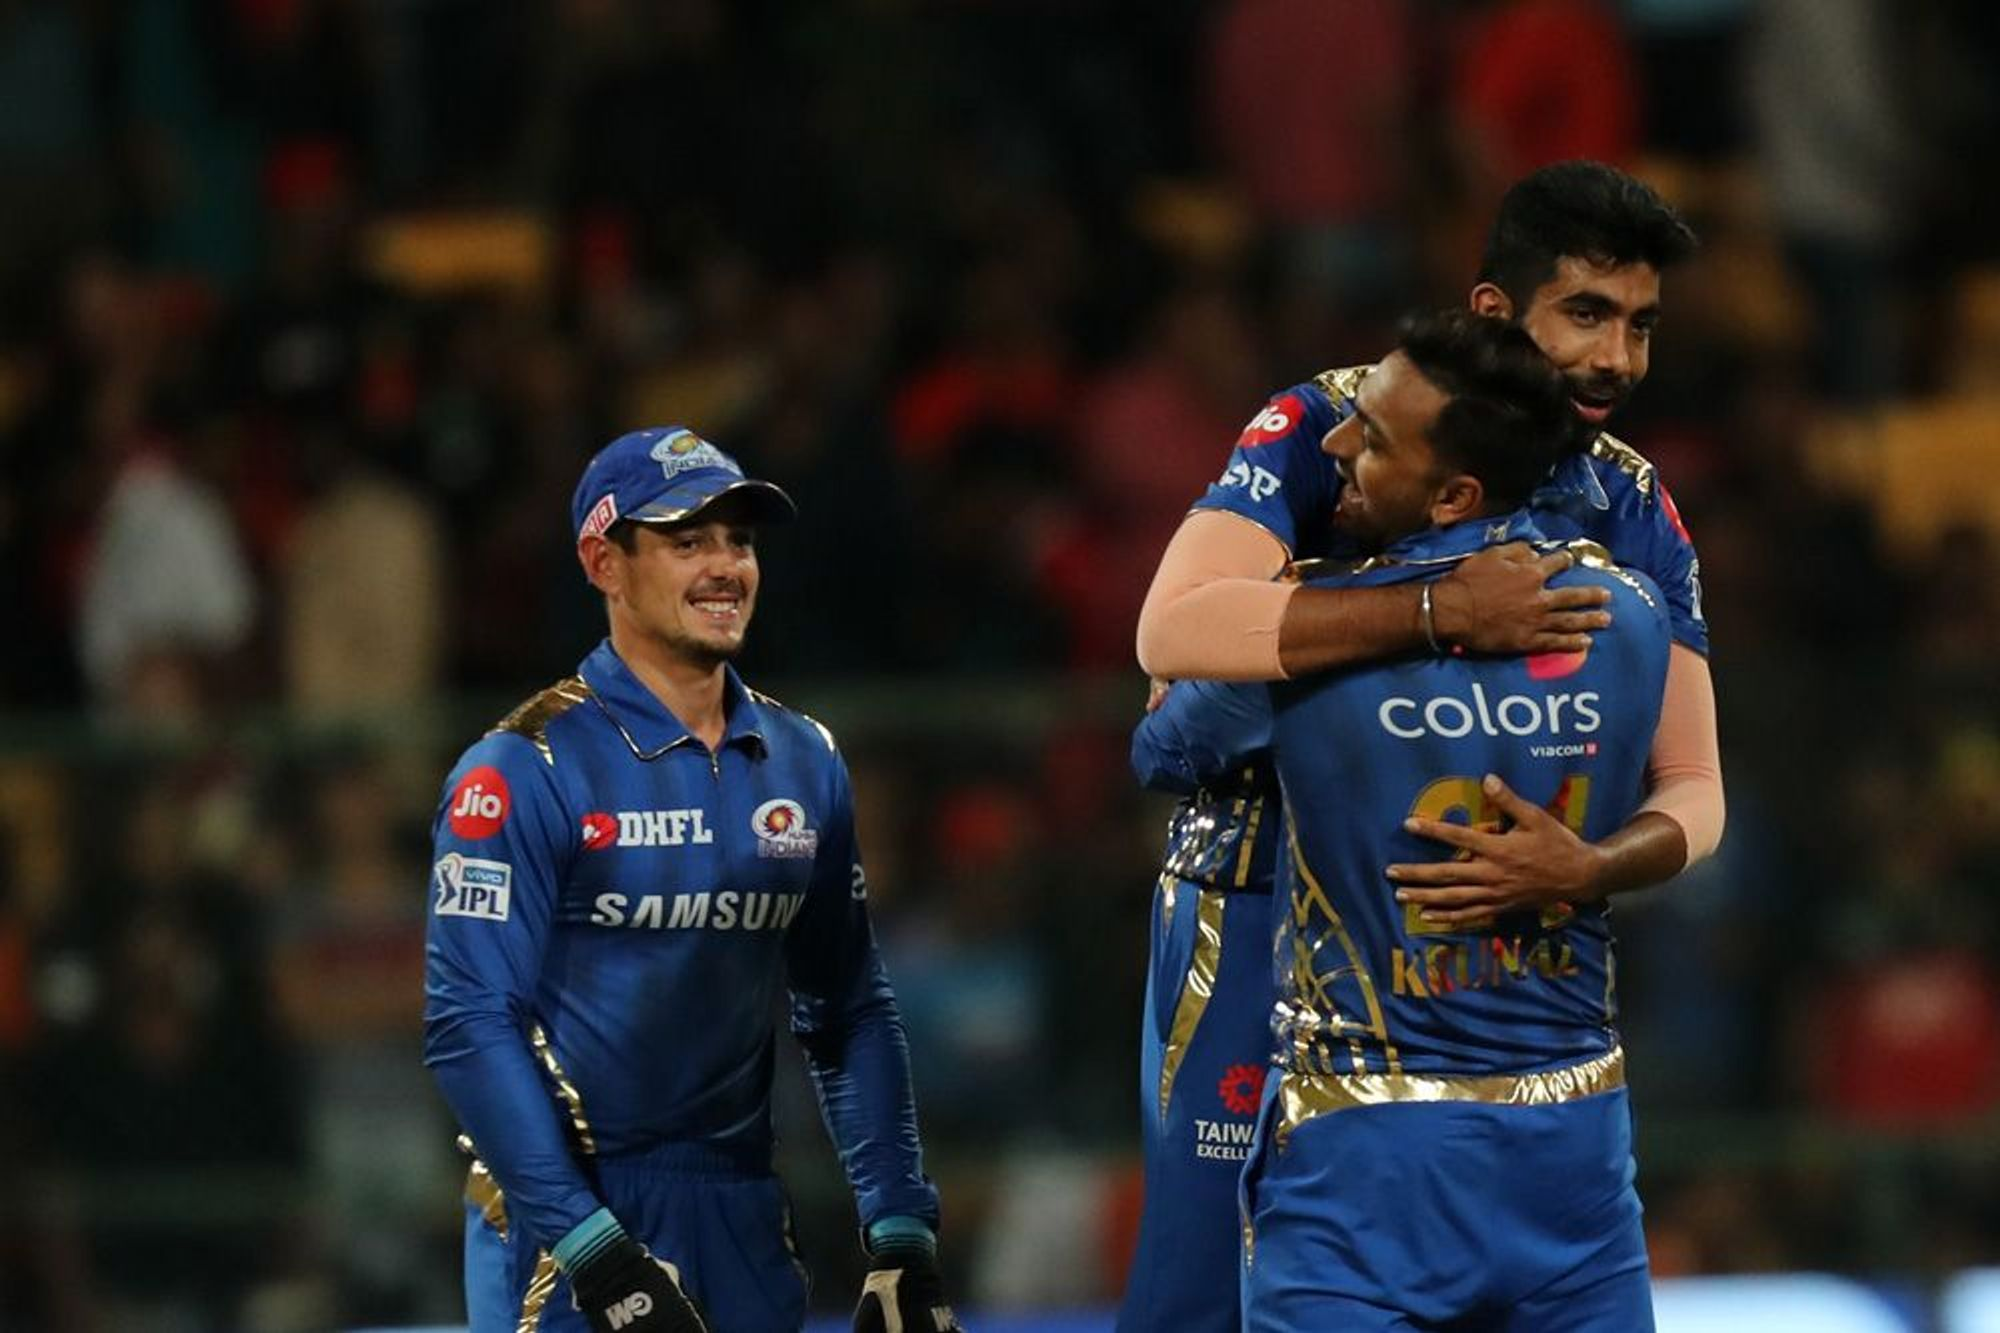 IPL 2019: किंग्स इलेवन पंजाब के खिलाफ इन 4 विदेशी खिलाड़ियों के साथ उतर सकती है मुंबई इंडियंस 36